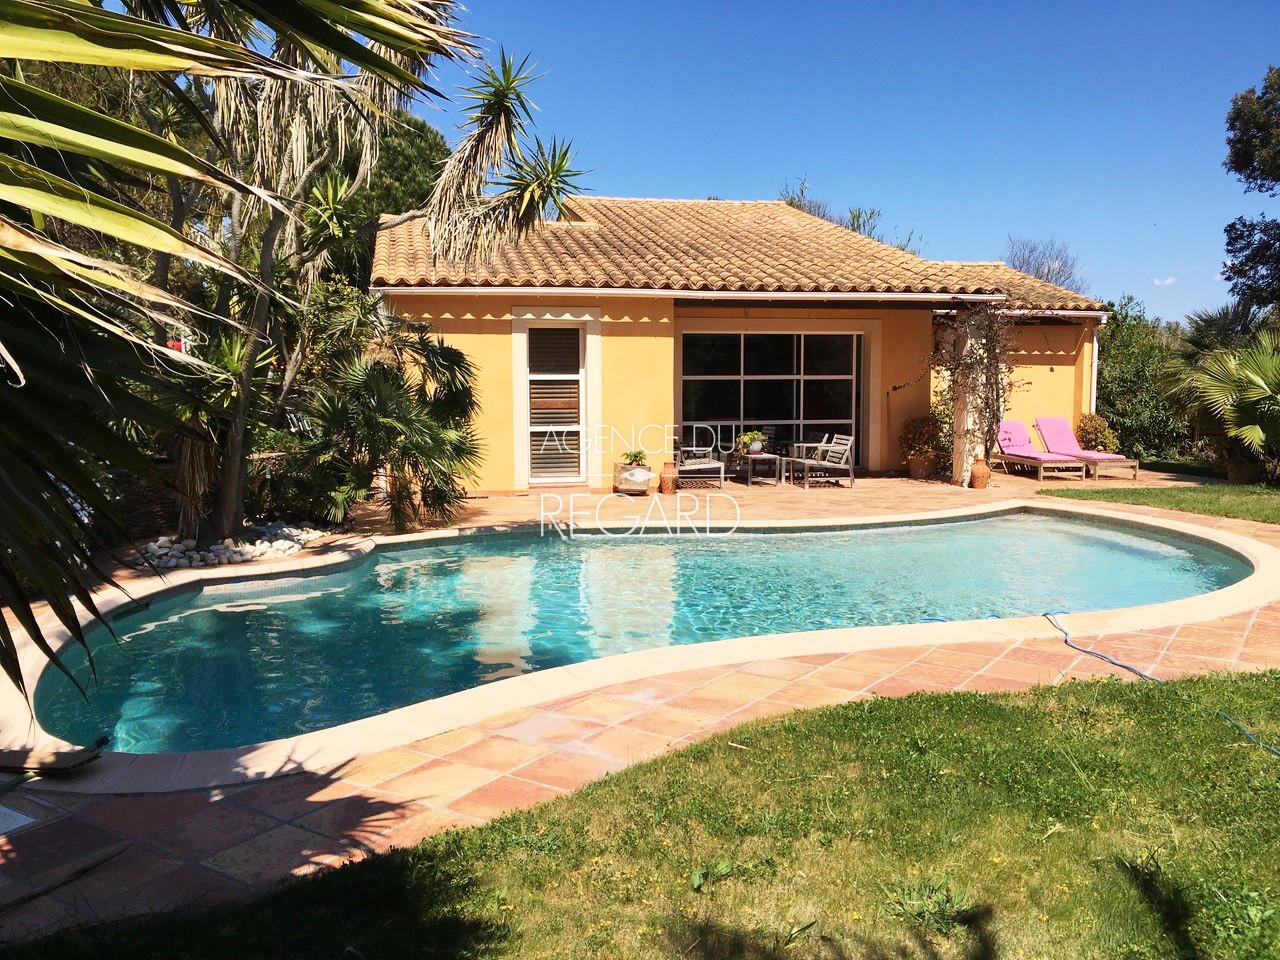 maison à Giens , proche de la mer , parc sécurisé, 3 chambres , piscine